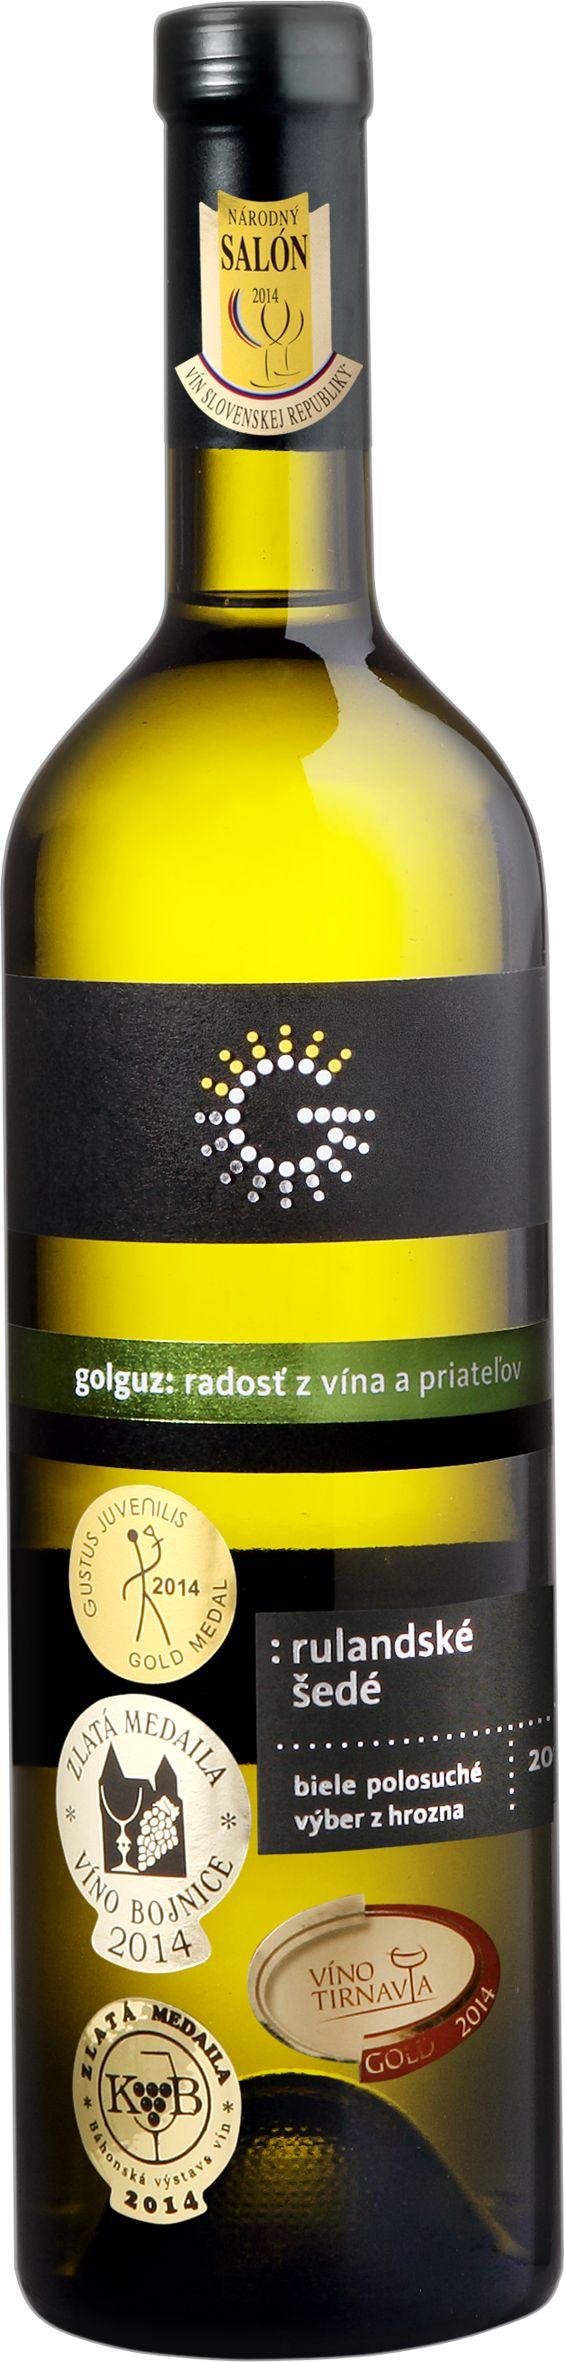 Ochutnajte Rulandské šedé víno z vinárstva Golguz, ročník 2014. Charakterizuje ho intenzívna slamovožltá farba farba, vôňa prezretého tropického ovocia, ananásu, príjemne plná sladkastá chuť, dlhá perzistencia. #wineexpert #wineexpertsk #wineexperteu #wine #winelovers #drinkwine #rulandskesede #golguz